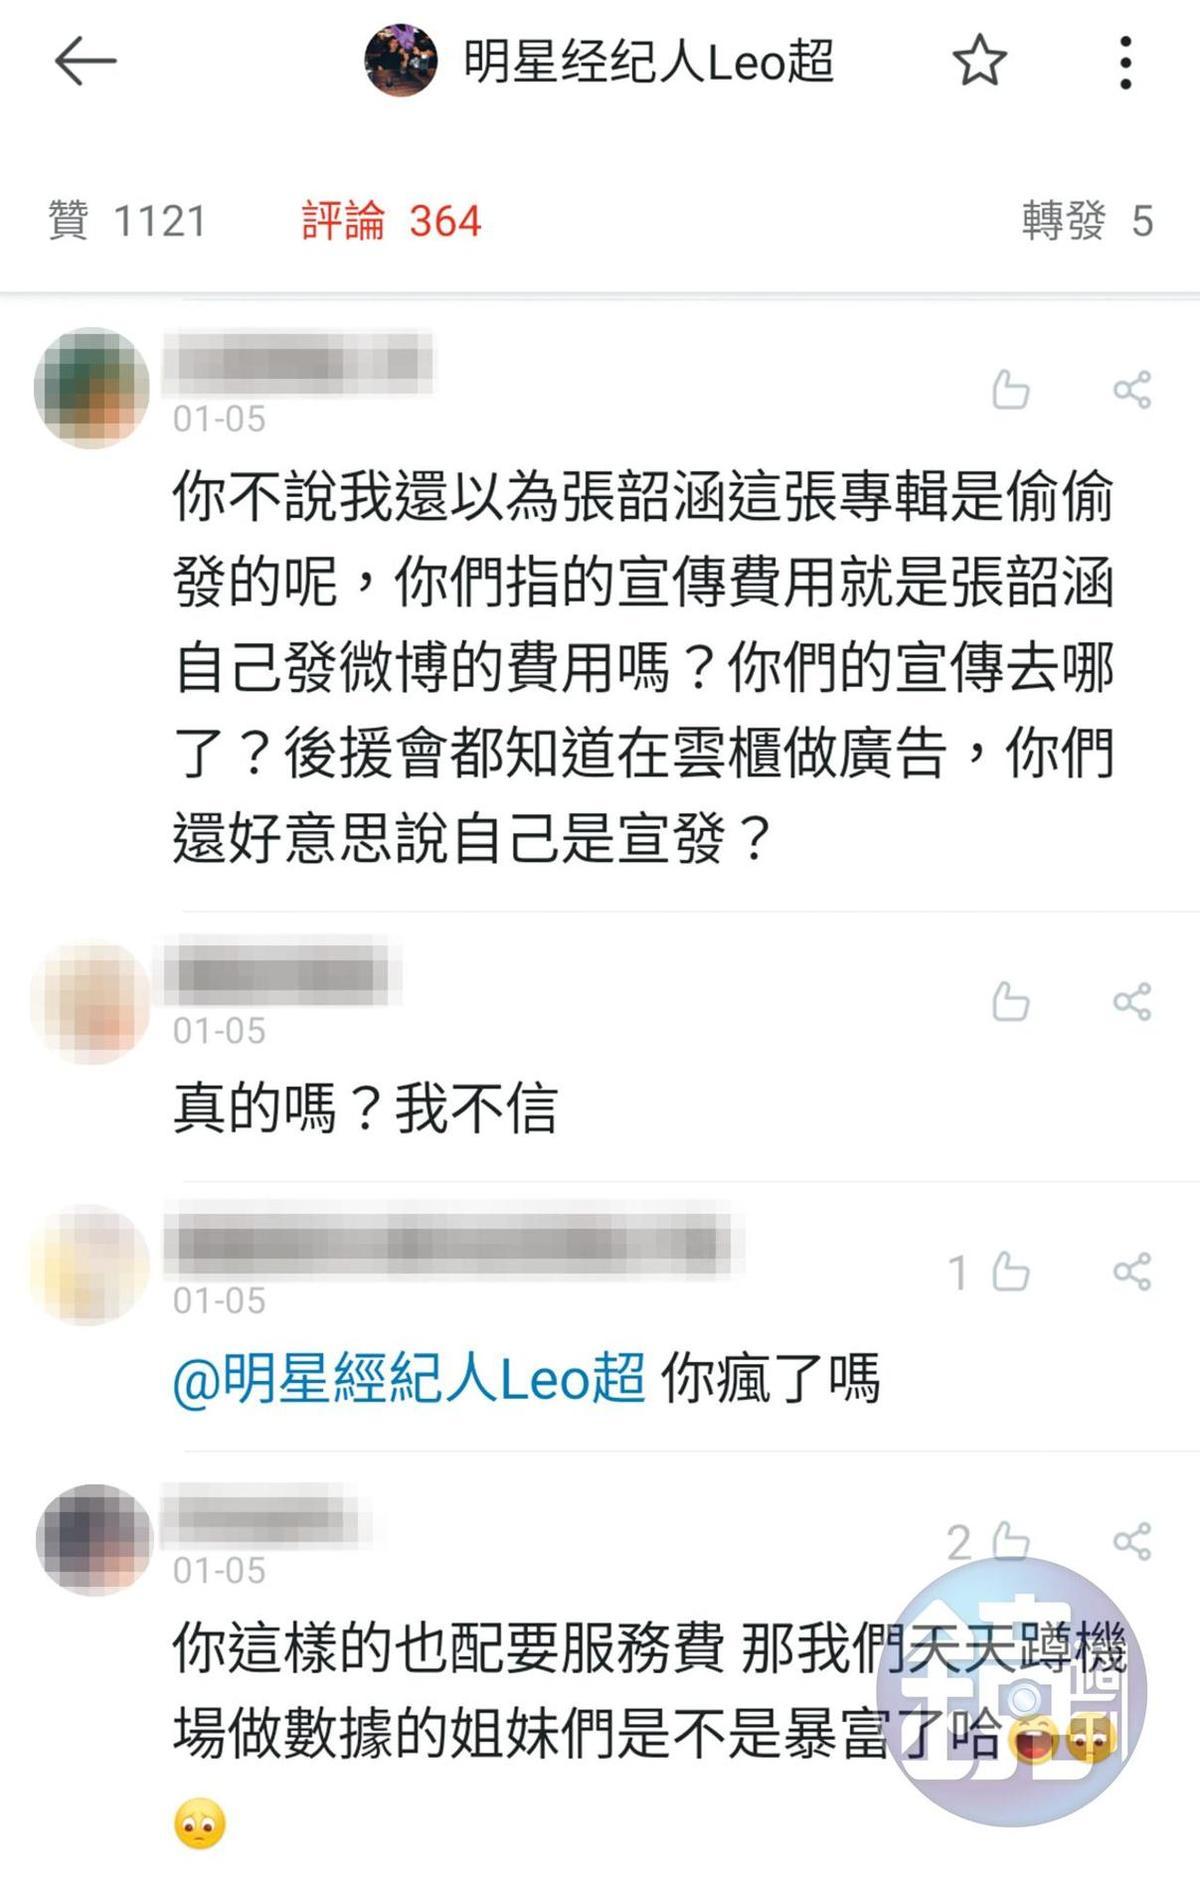 粉絲們不滿負責張韶涵專輯宣傳的公司辦事不力,竟還有臉索討費用。(翻攝自明星經紀Leo超微博)